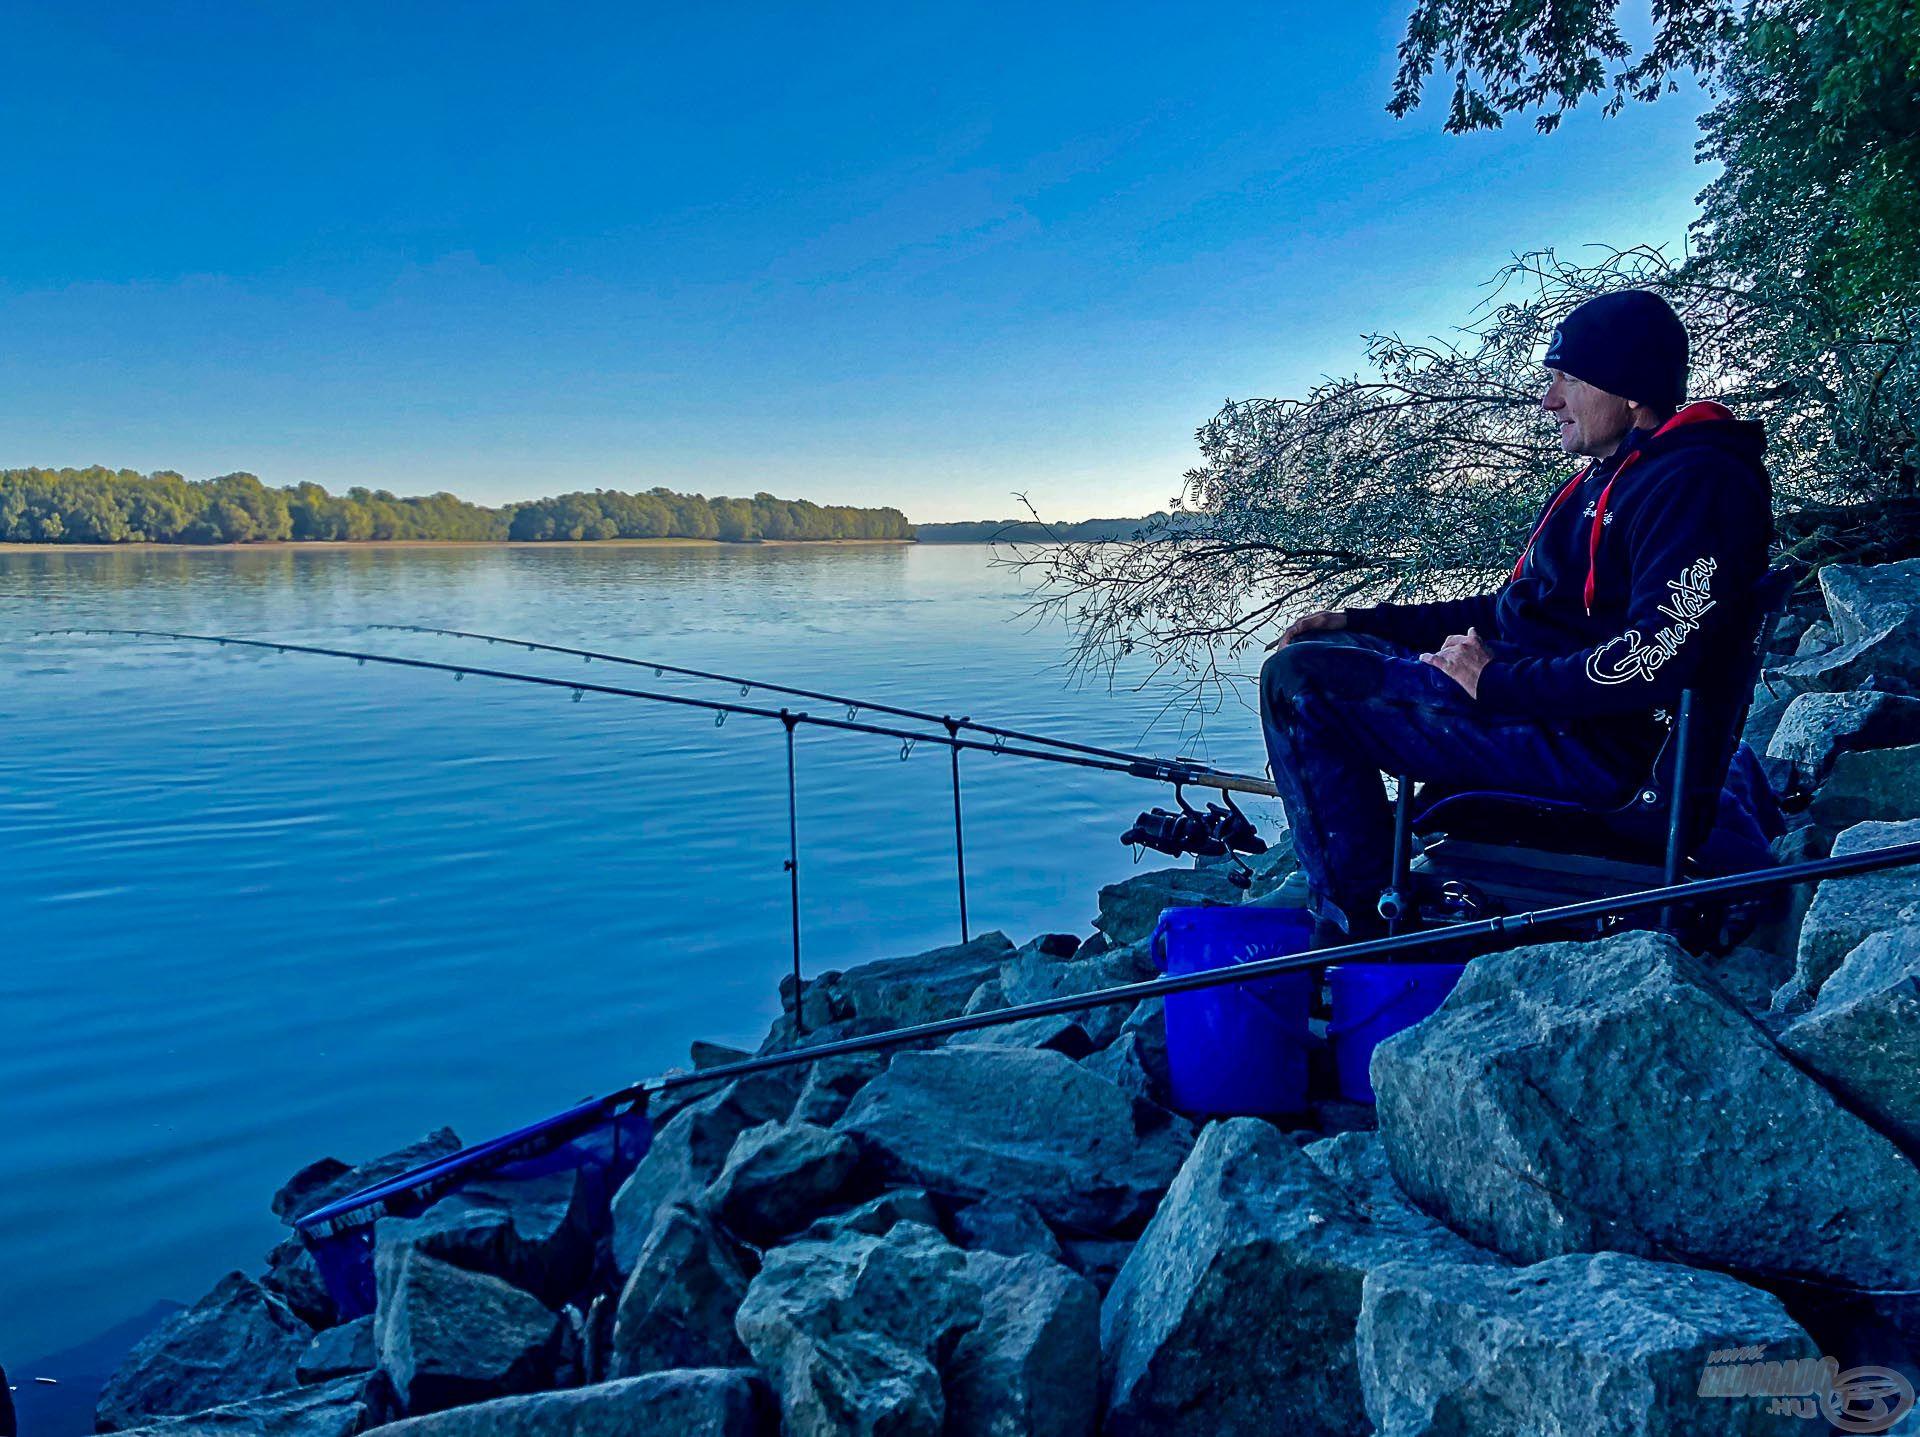 Mi alapján válasszuk ki a későbbi horgászhelyet? Elsőként ebben próbálok segíteni!